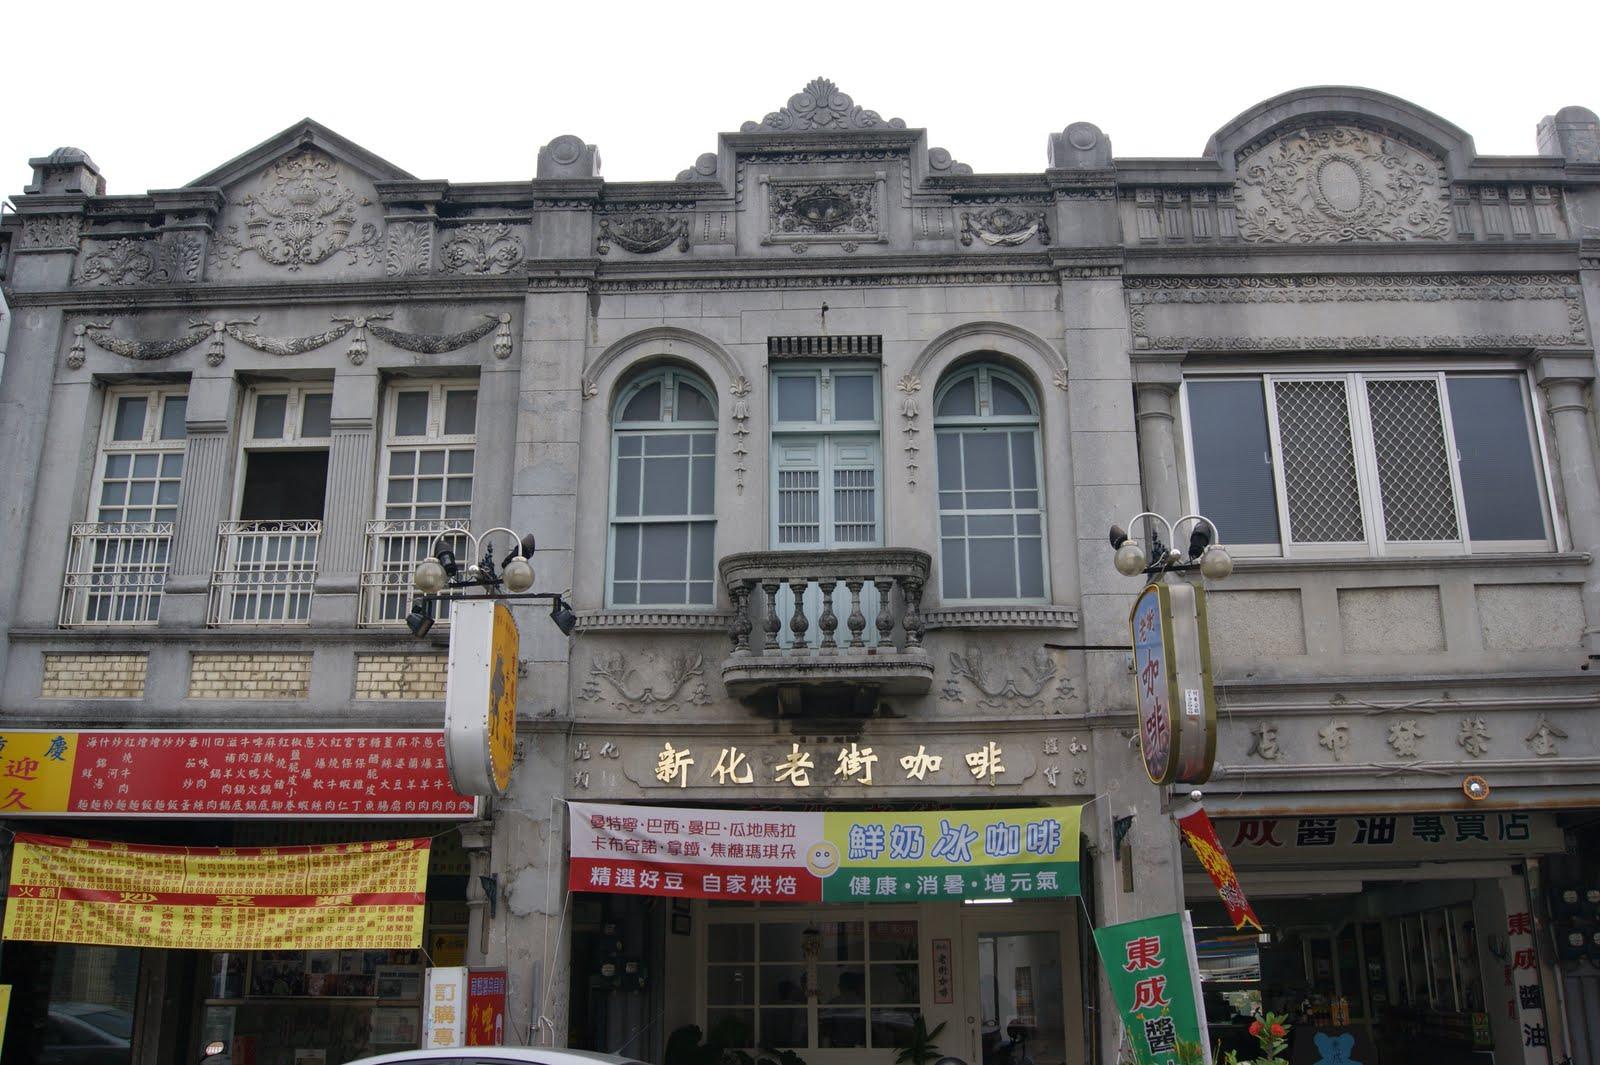 新化社區大學-我們的幸福夢想紀錄: 新化社區大學特約商店